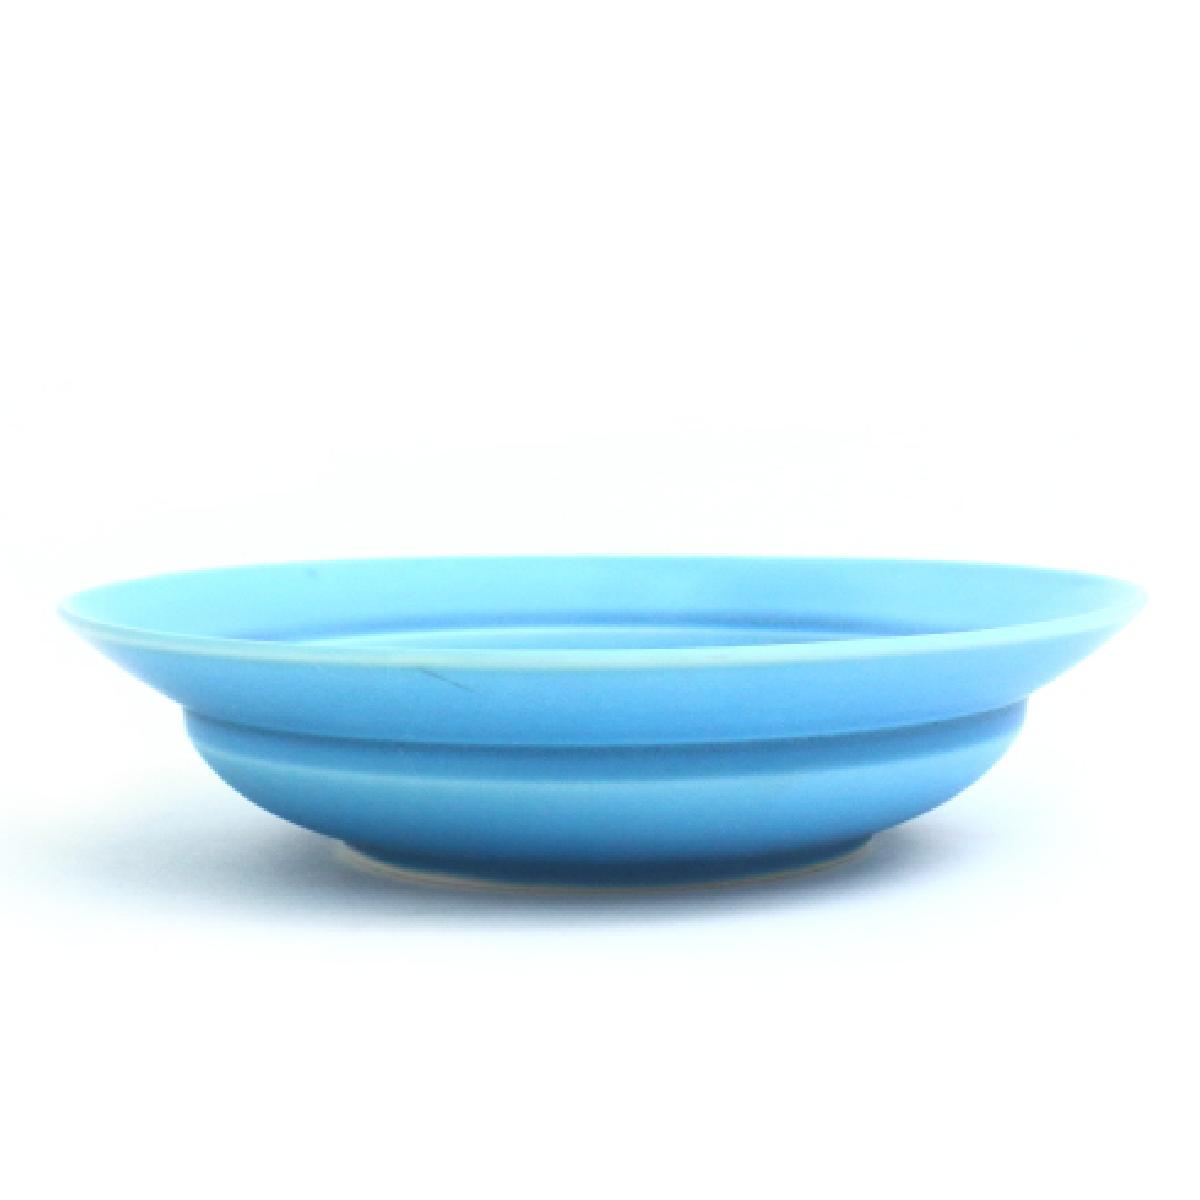 パスタ皿 8寸 スターブルー 詳細画像1